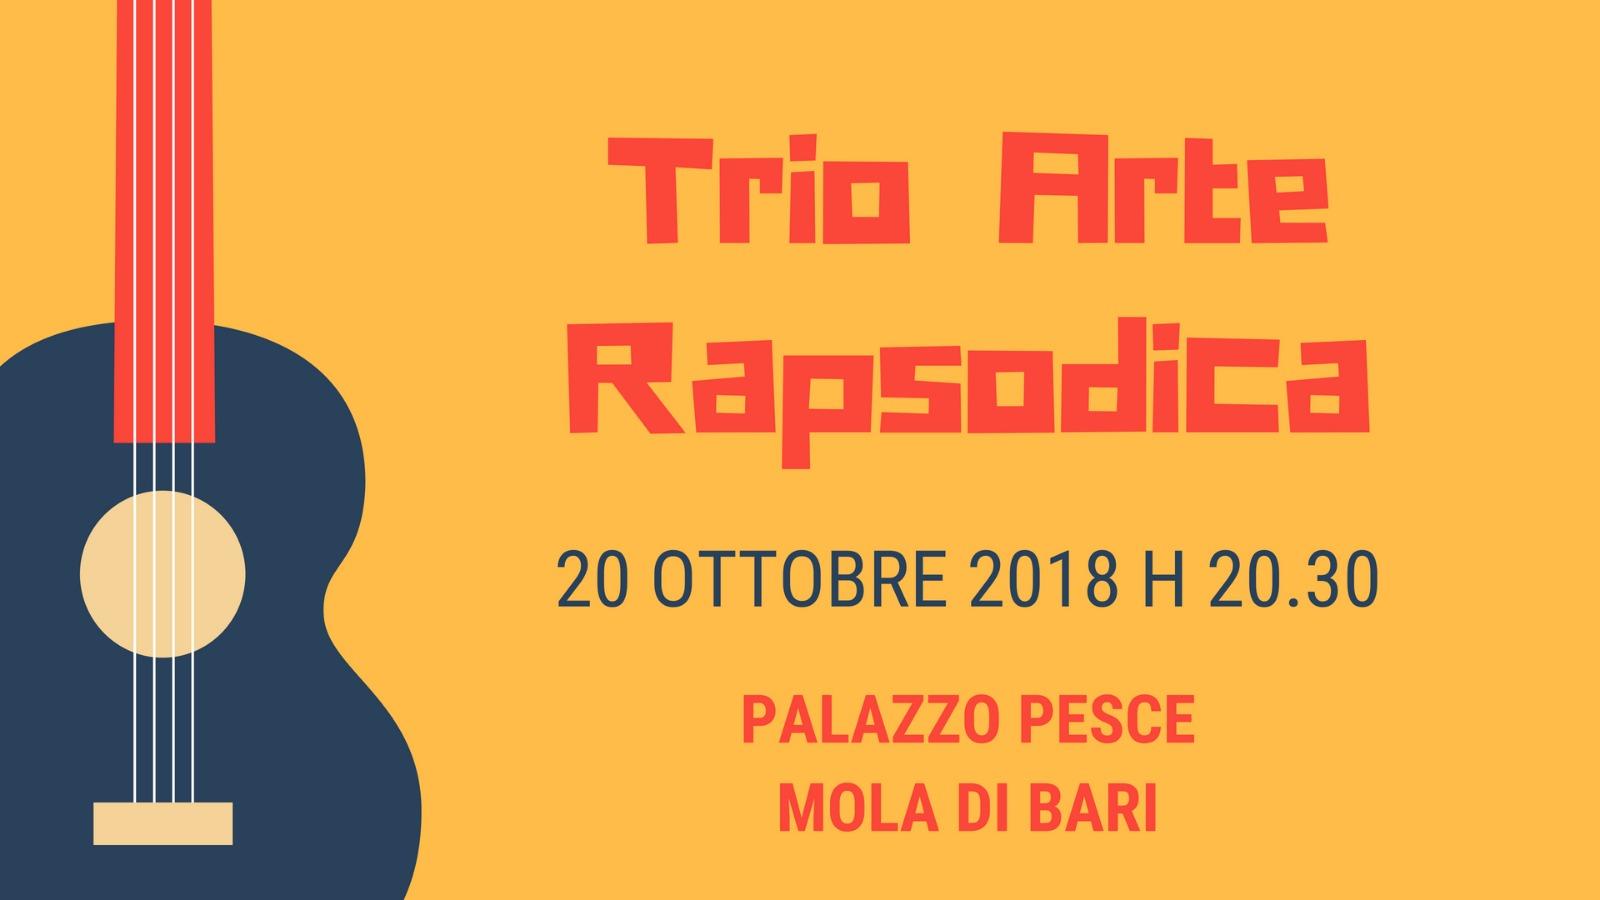 20 ottobre 2018 Trio Arte Rapsodica a Palazzo Pesce